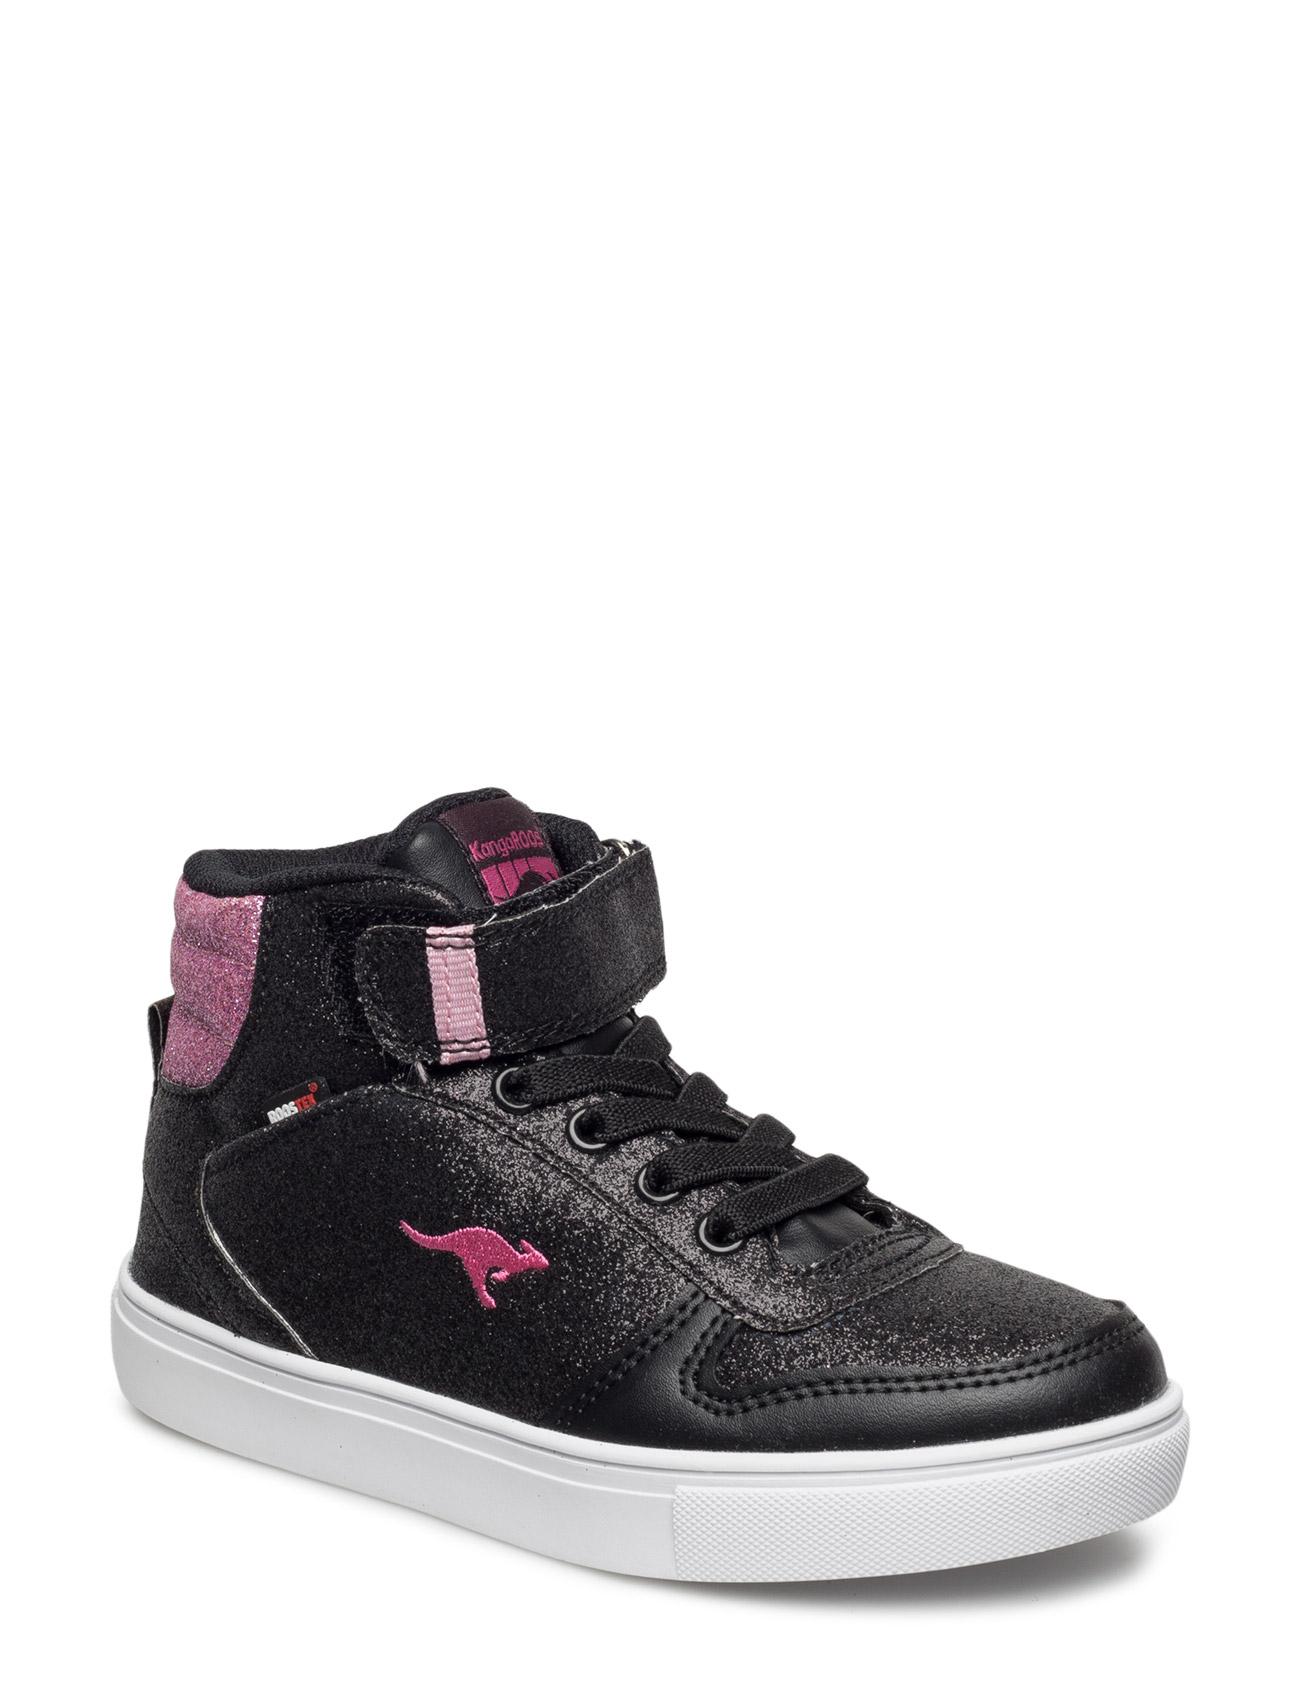 Girly KangaROOS Sko & Sneakers til Børn i Lyserød